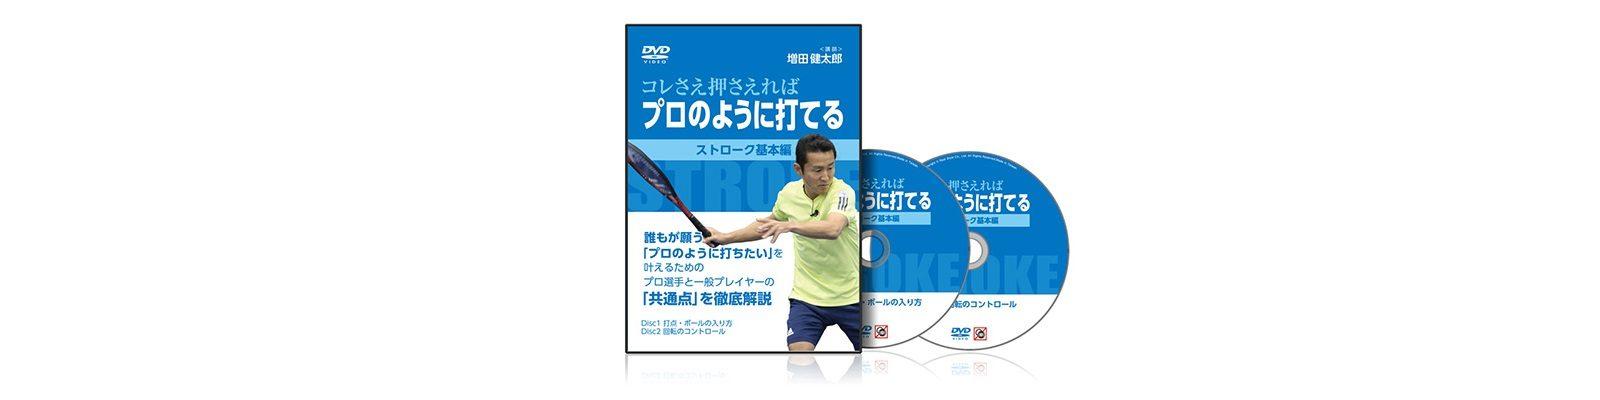 増田健太郎プロのDVD「これさえ押さえればプロのように打てる」公式サイト